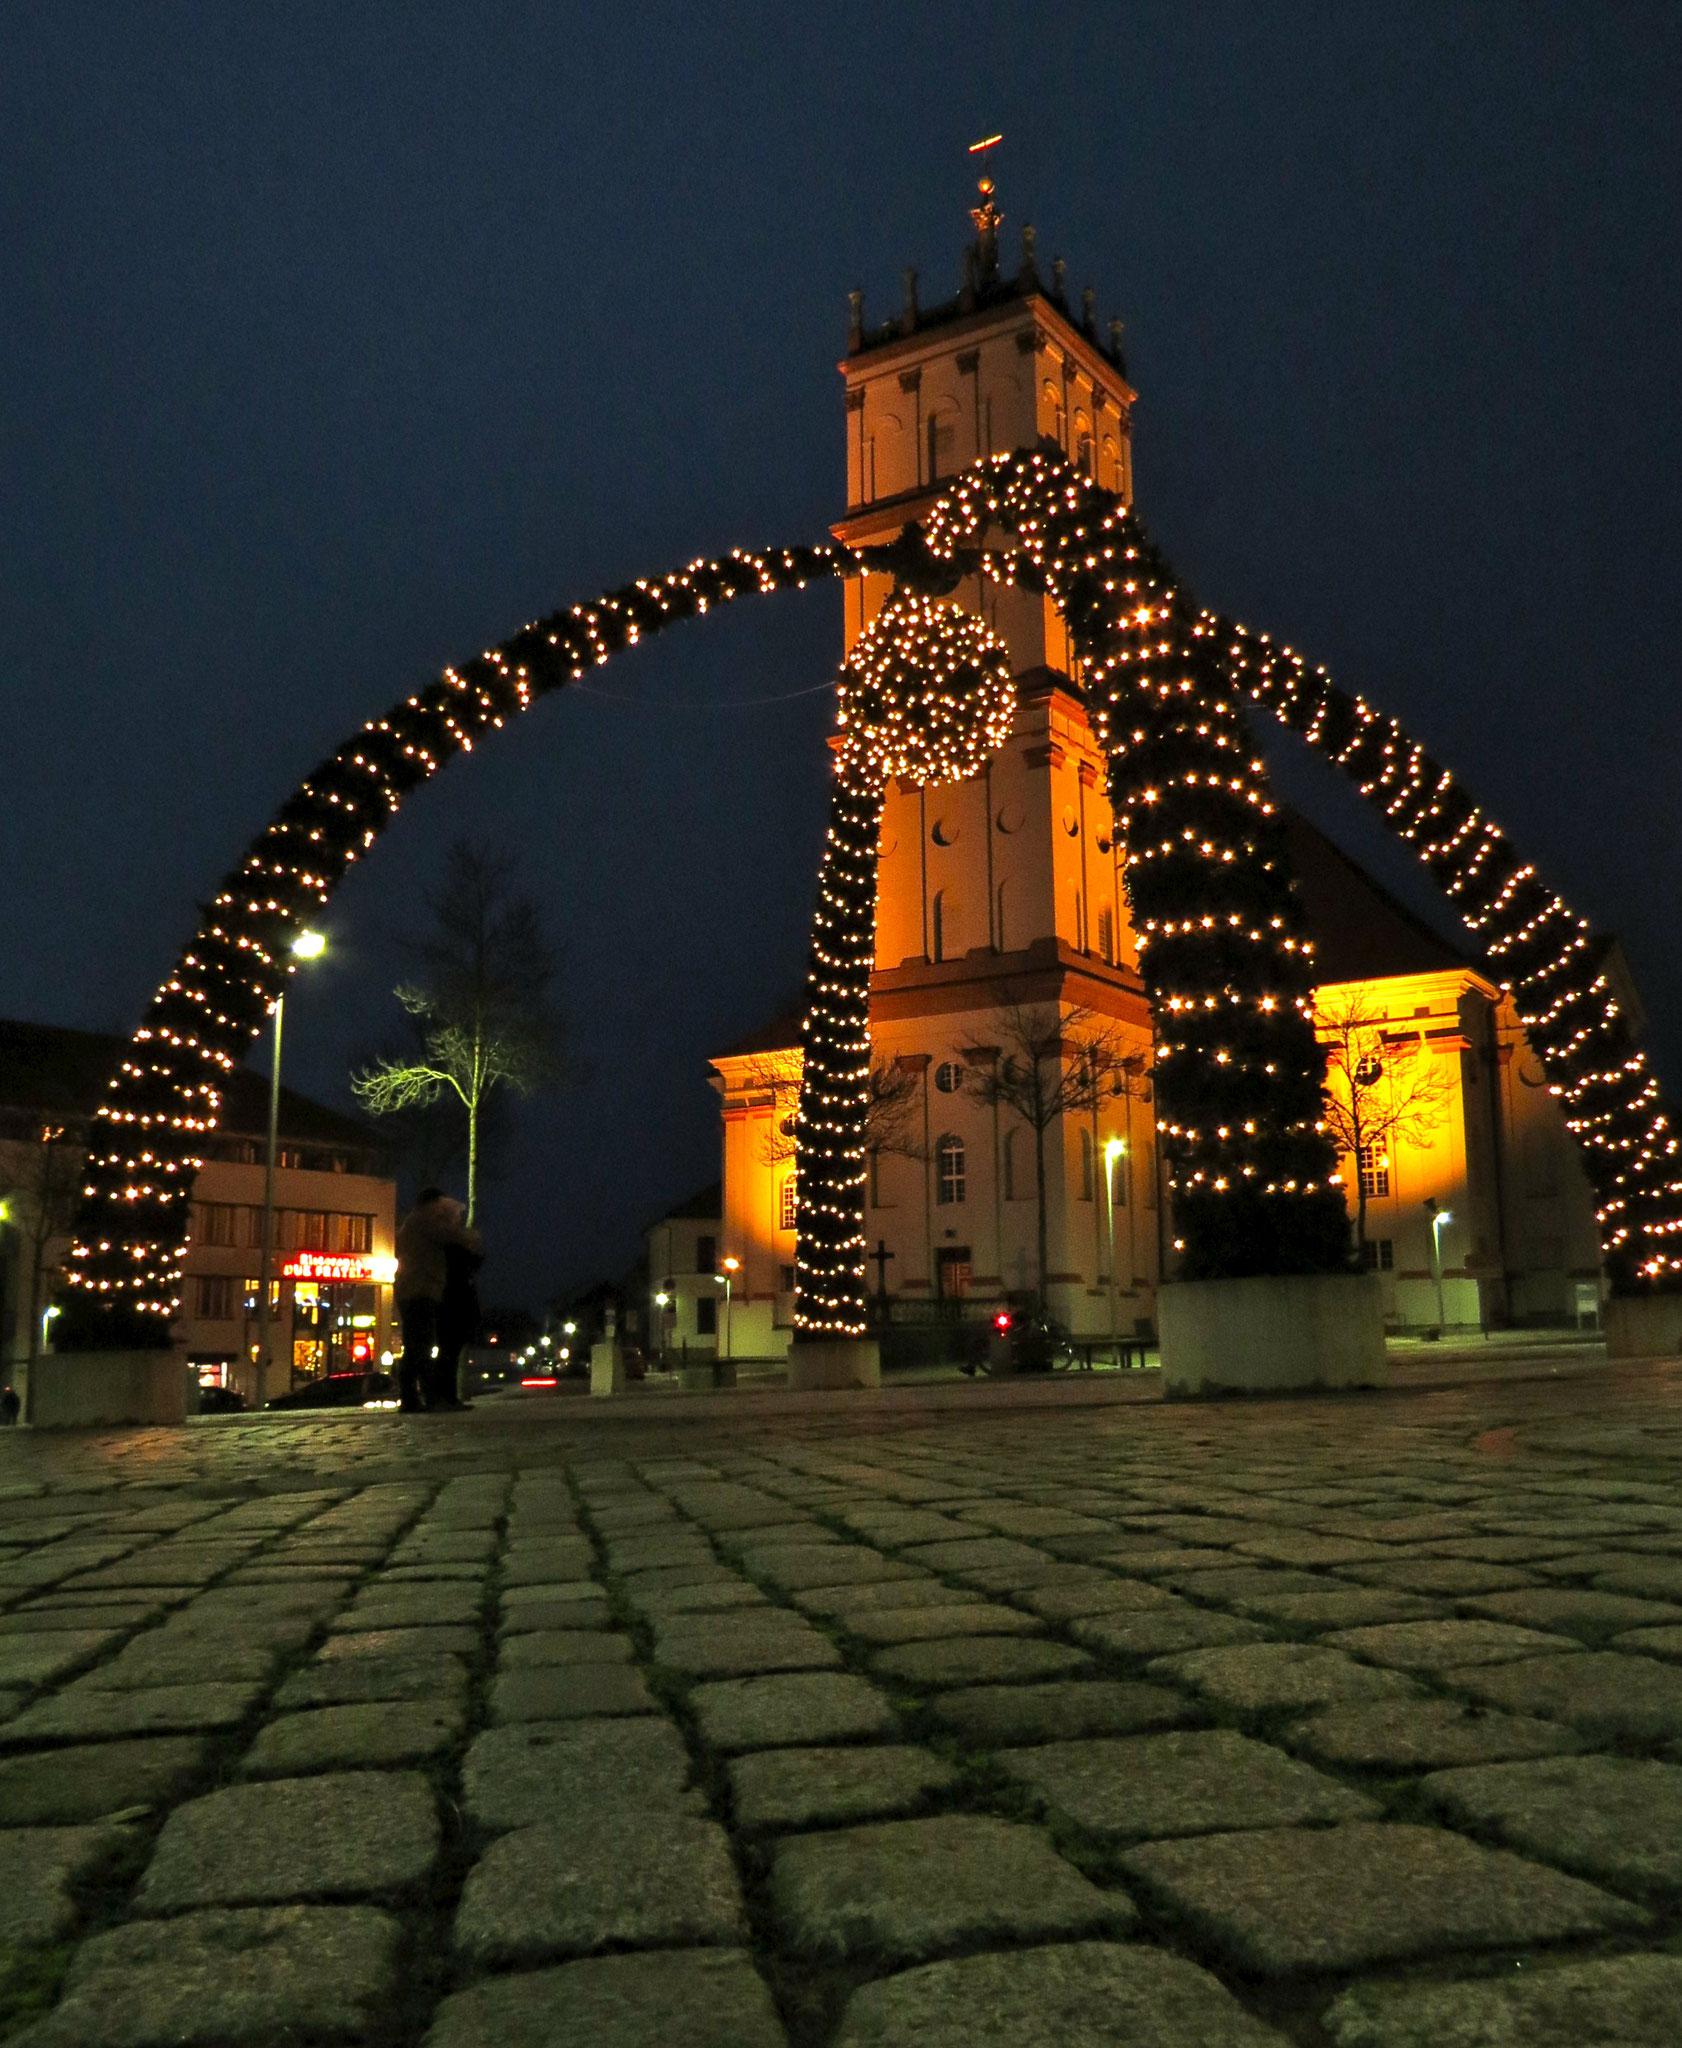 Weihnachten am Marktplatz Neustrelitz